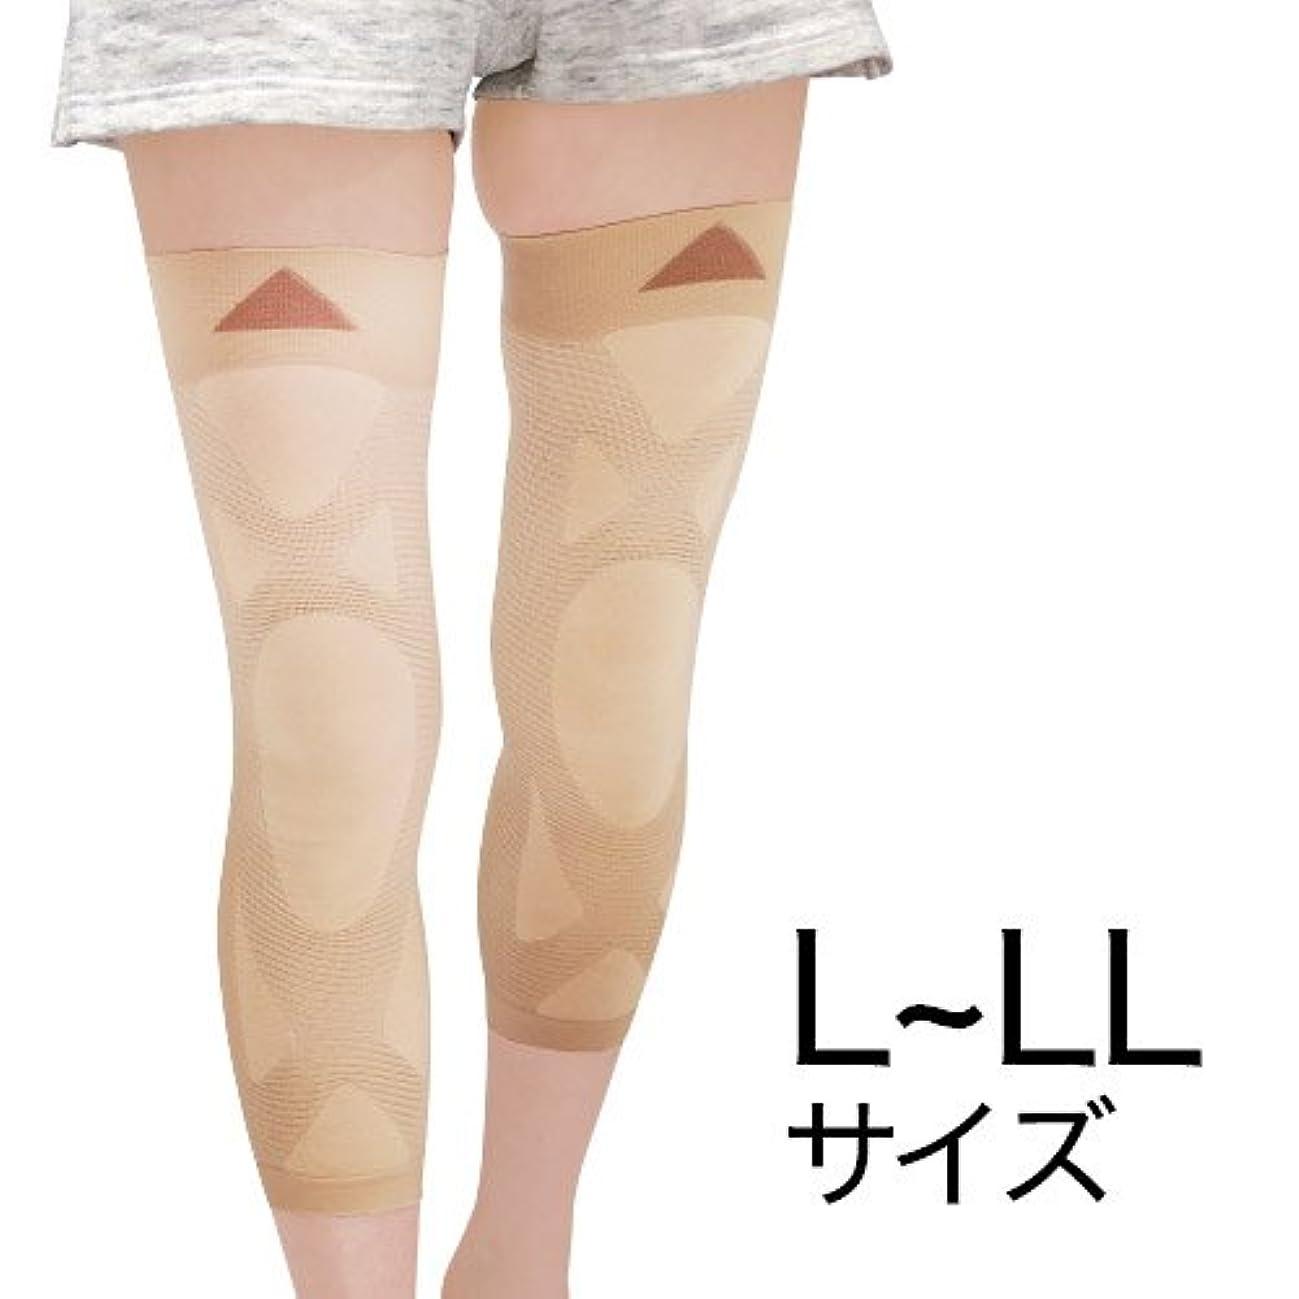 沈黙エンコミウム宣言するナチュラルガーデン 膝楽サポーター L~LL(左右共通2枚組)